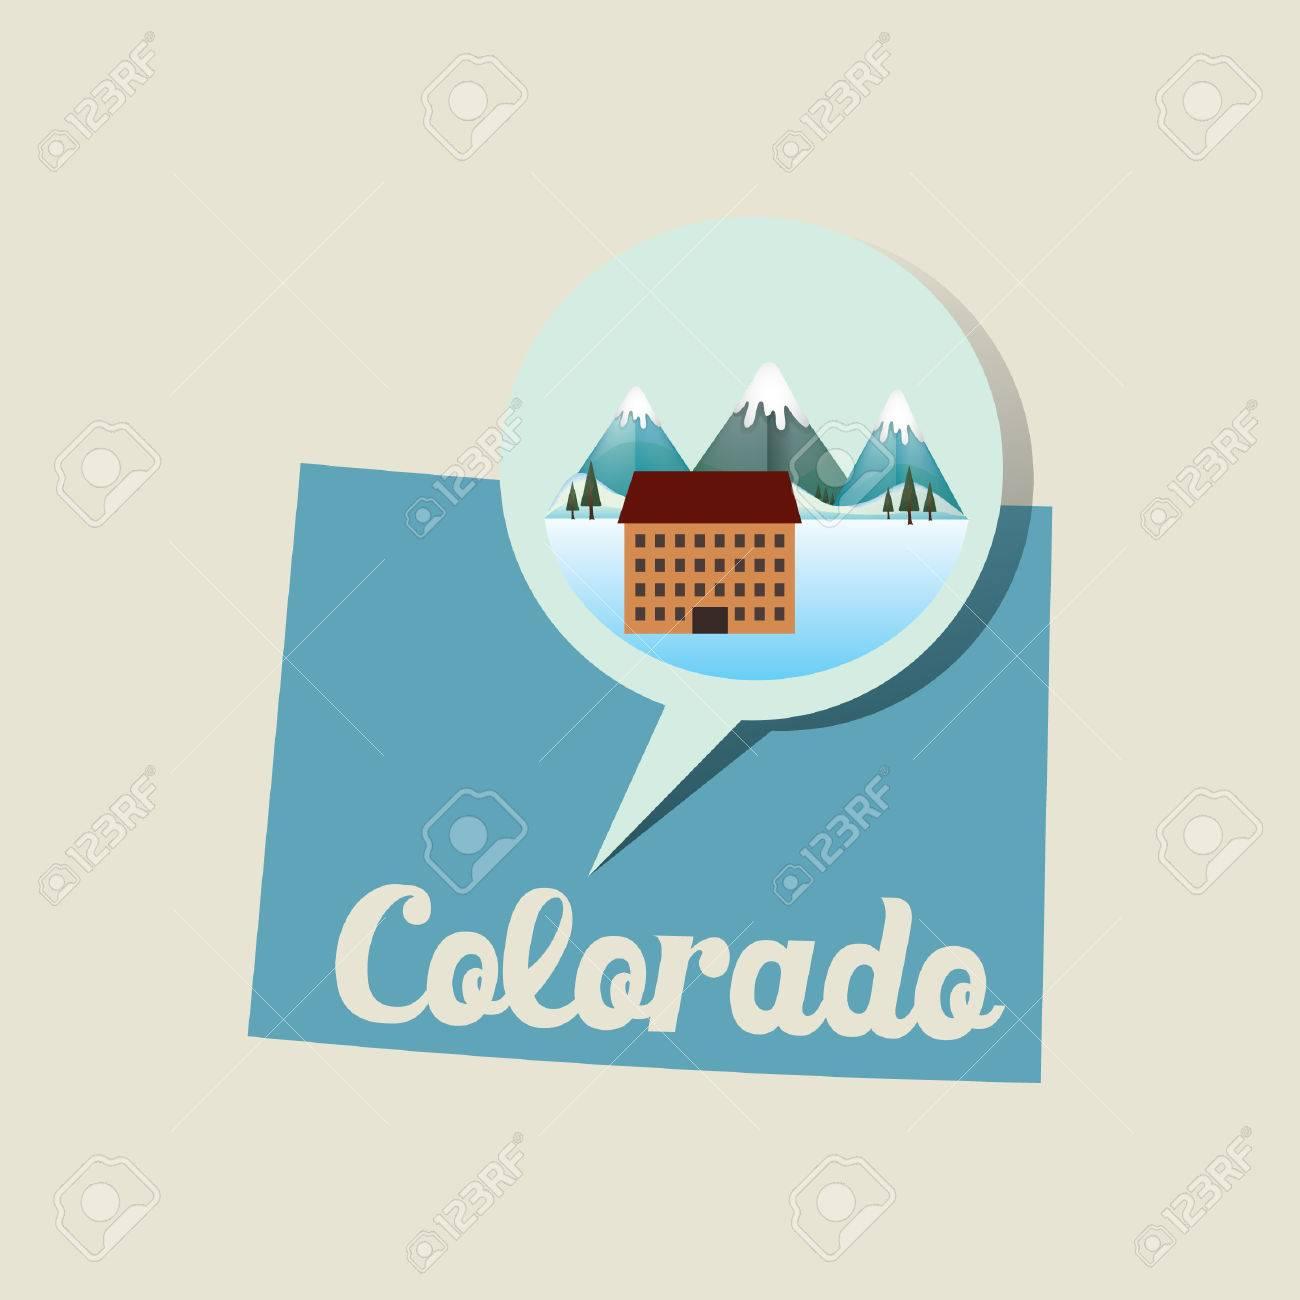 Colorado Map With Ski Resort Icon Royalty Free Cliparts, Vectors ...